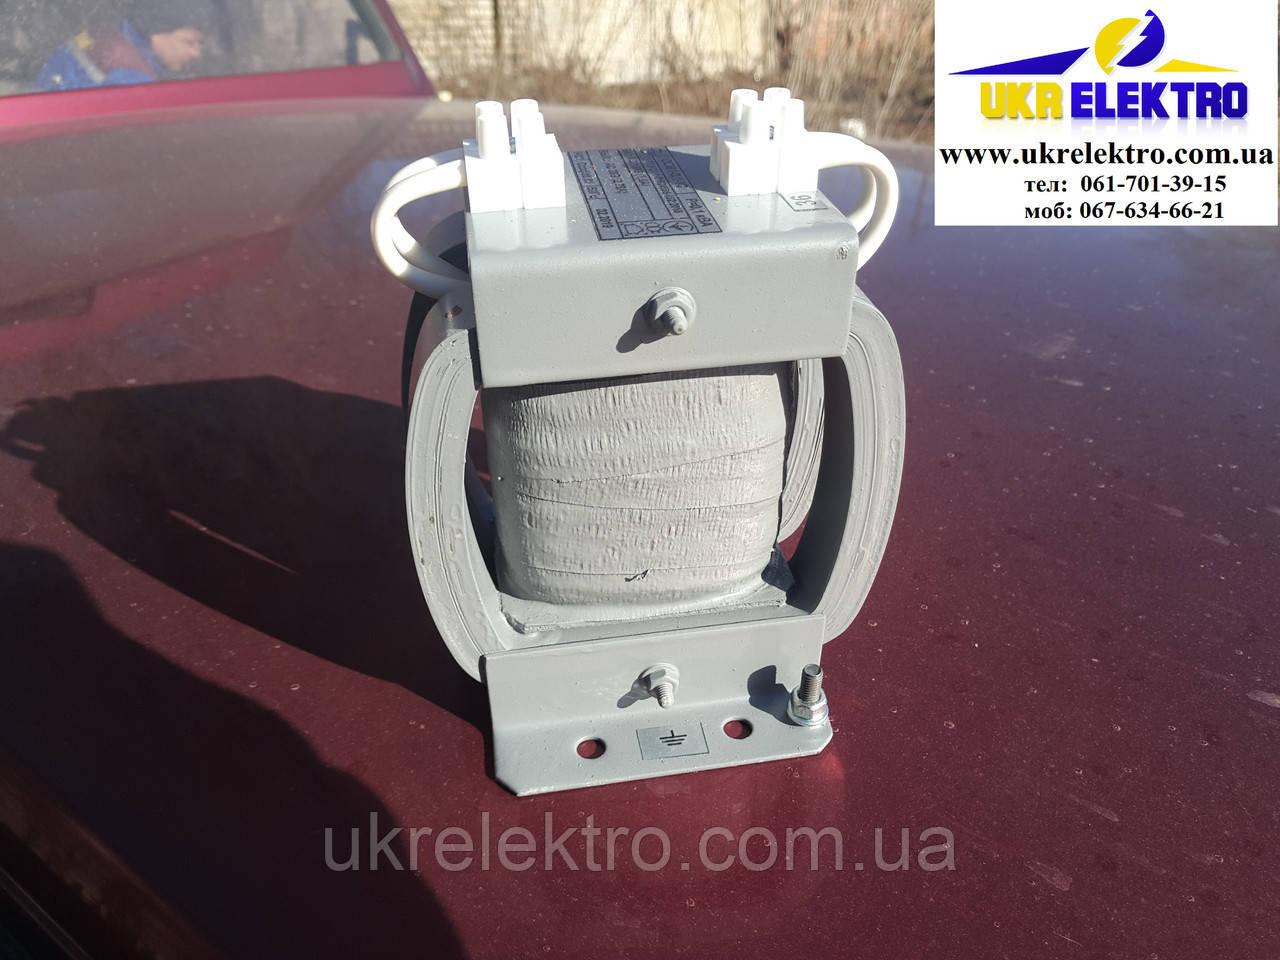 Трансформатор ОСМ-1 4,0